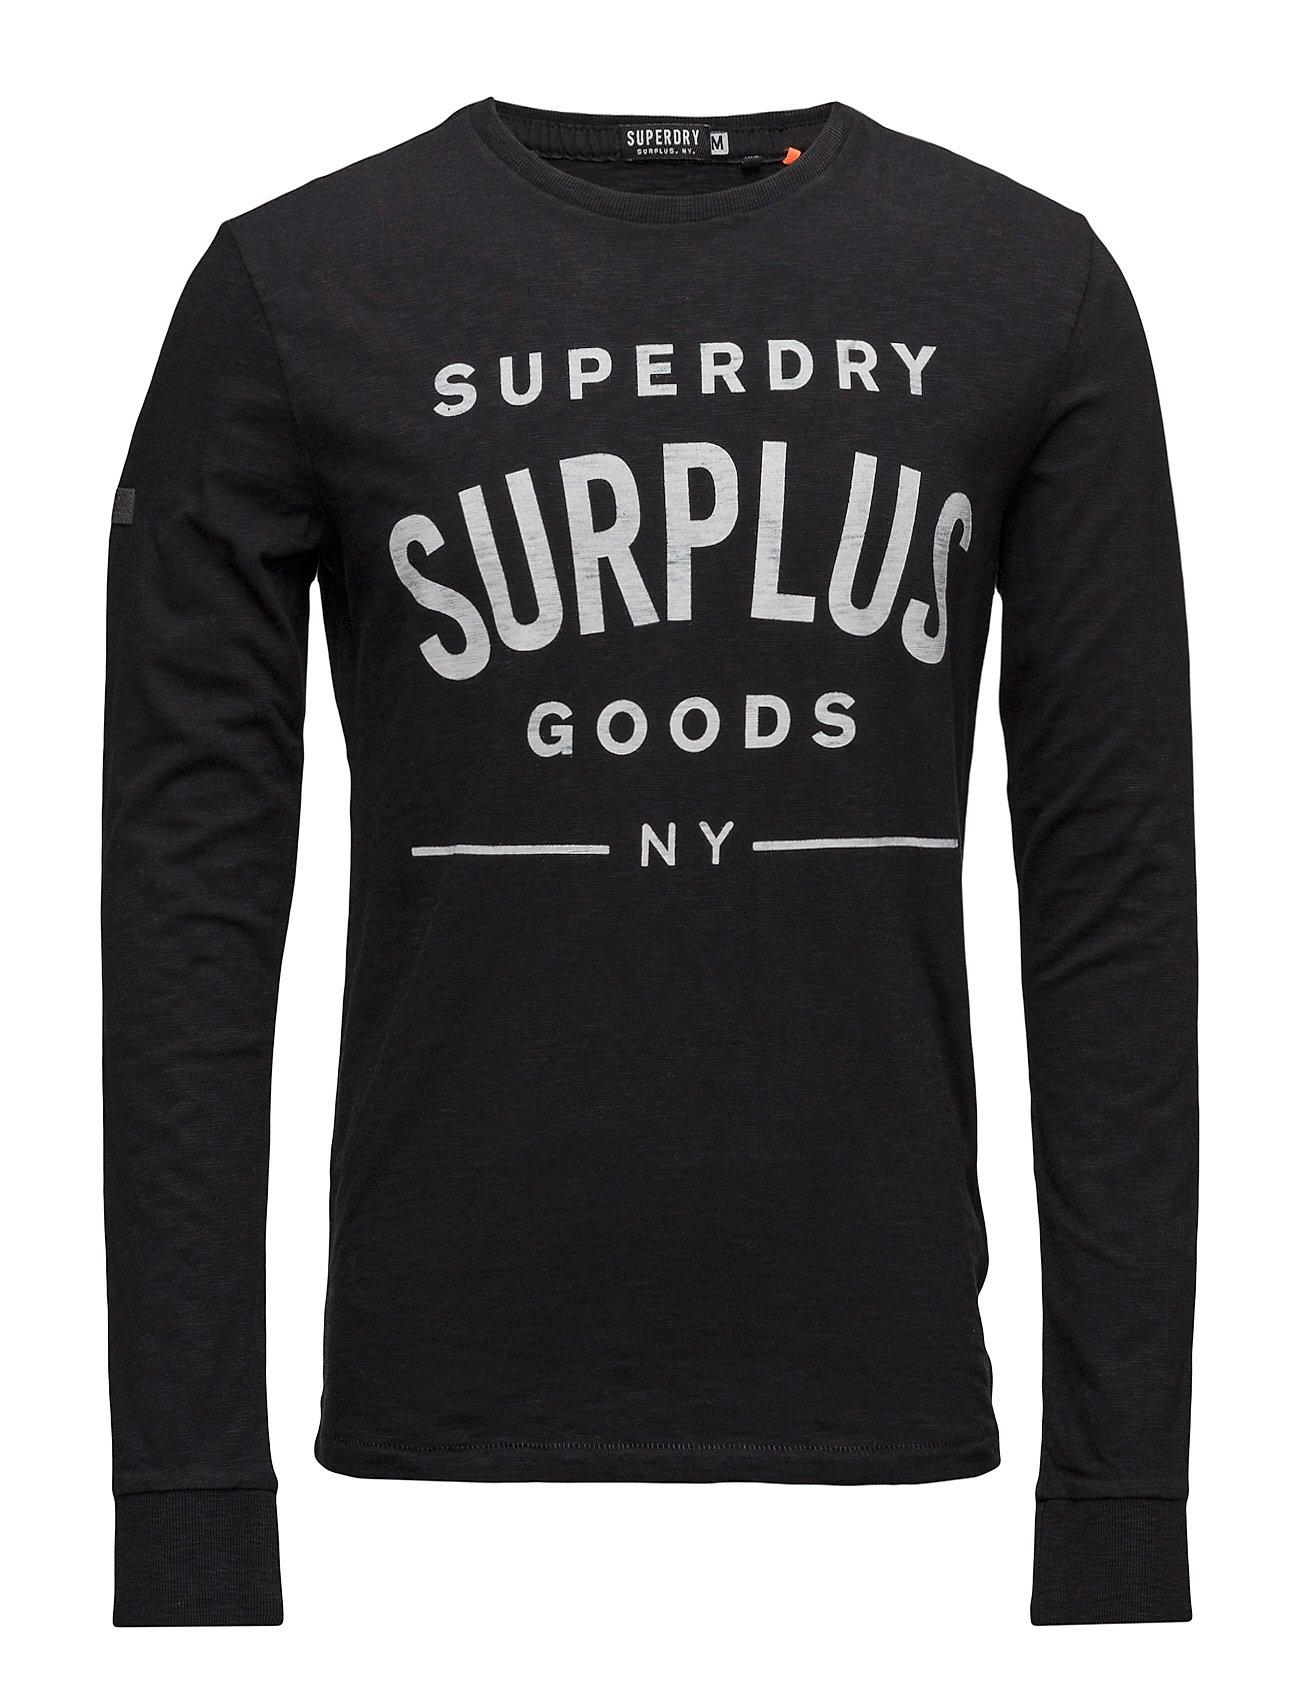 602947bf Superfine Surplus Goods L/S Graphic Tee Superdry Barne til til hverdag og  til fest